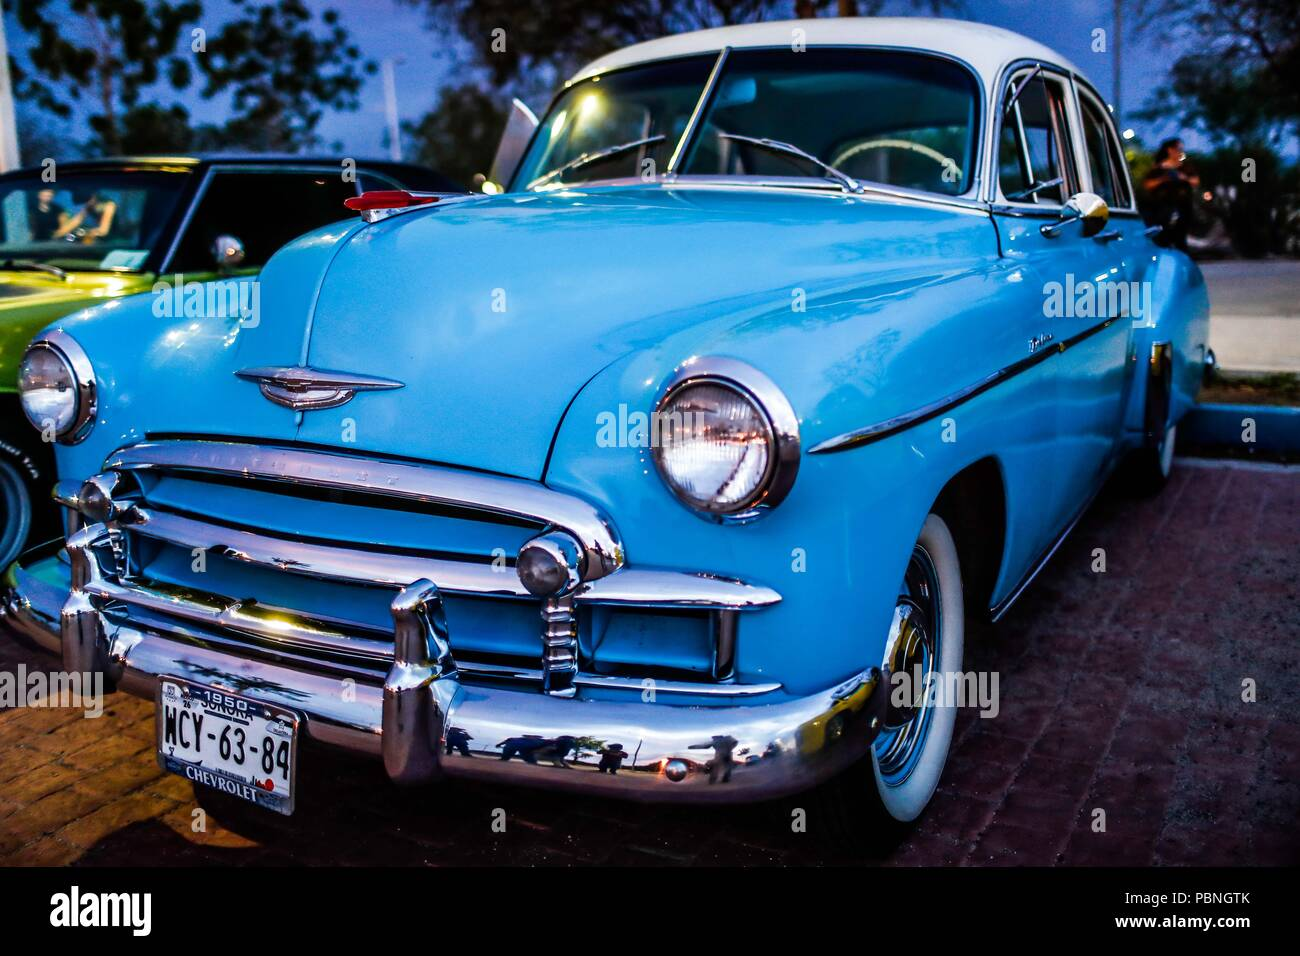 Autos Chevrolet Autos Restaurados Autos Clasicos Chevrolet Cars